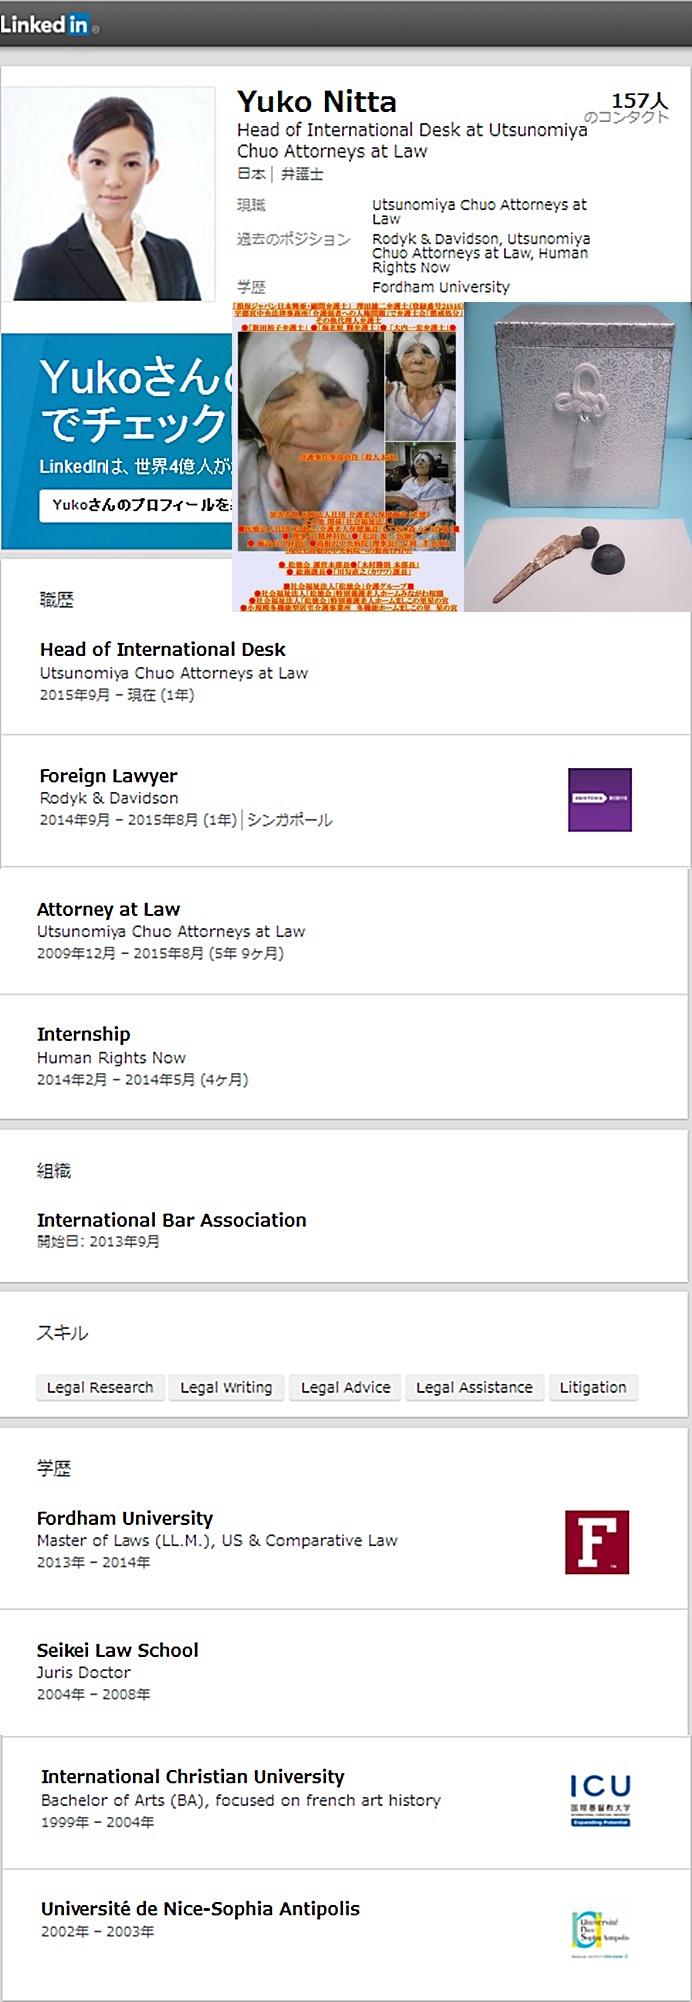 新田裕子弁護士 宇都宮中央法律事務所 澤田雄二 海老原輝